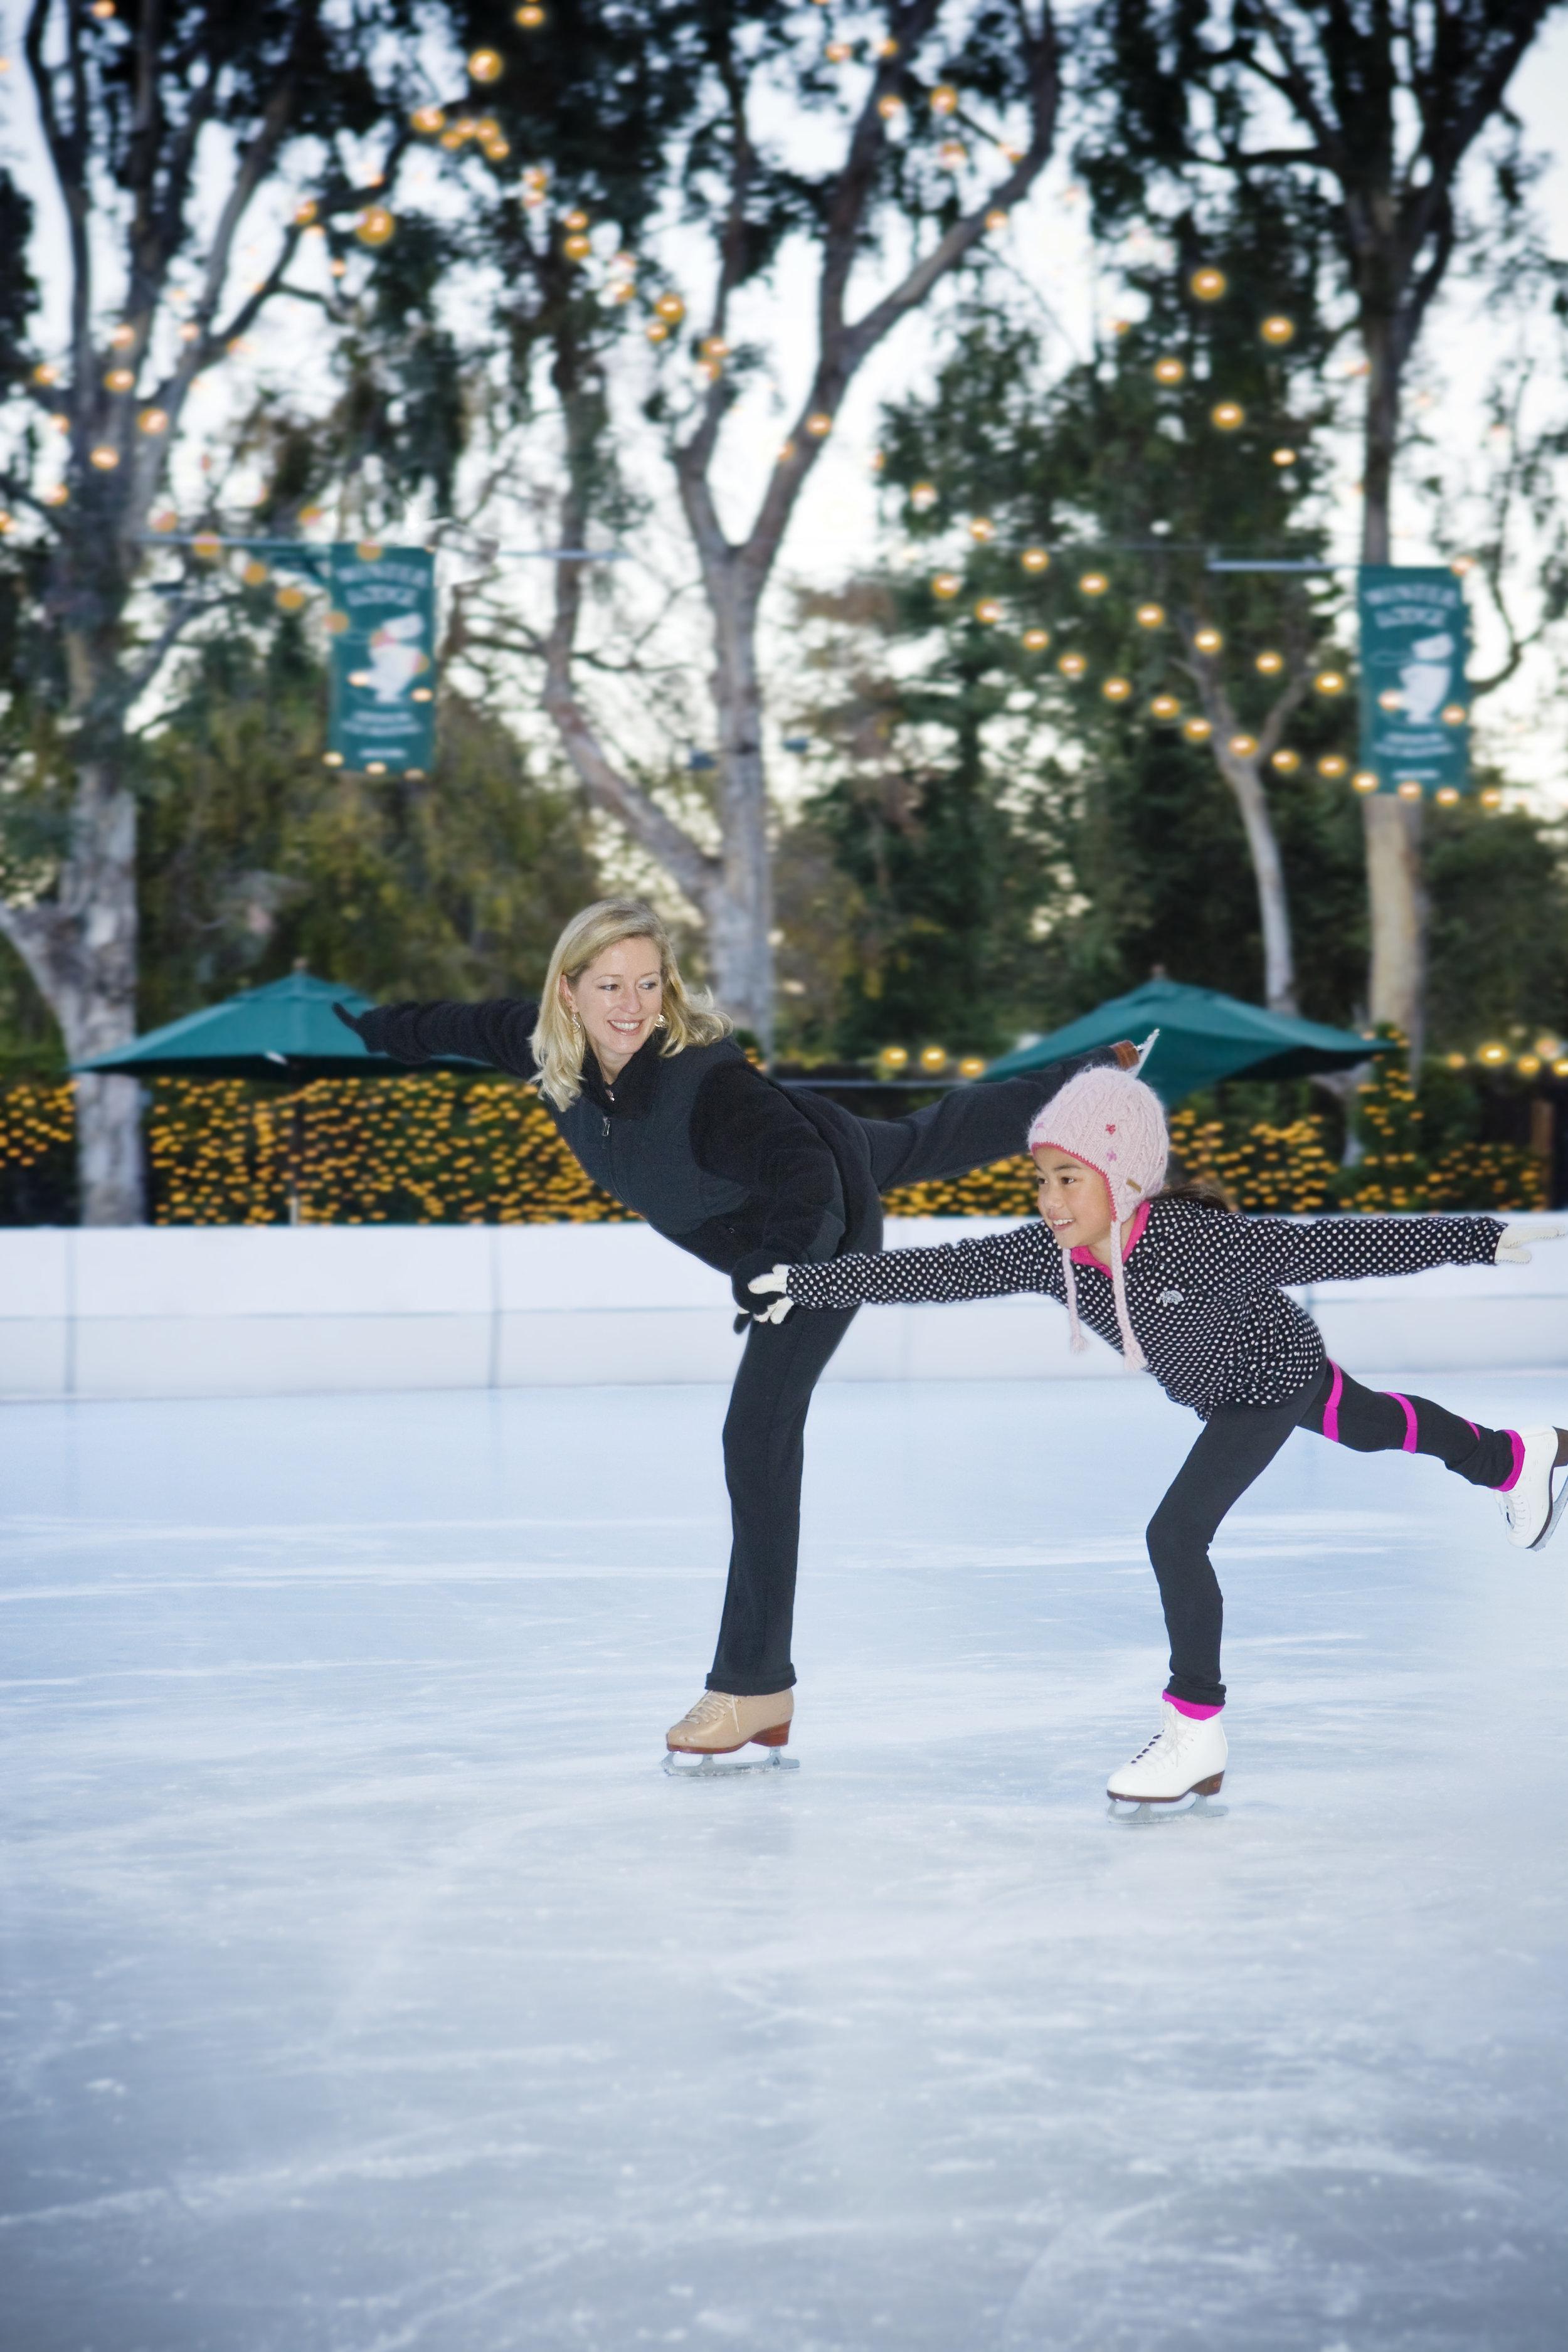 Teaching skating at the Winter Lodge, Palo Alto